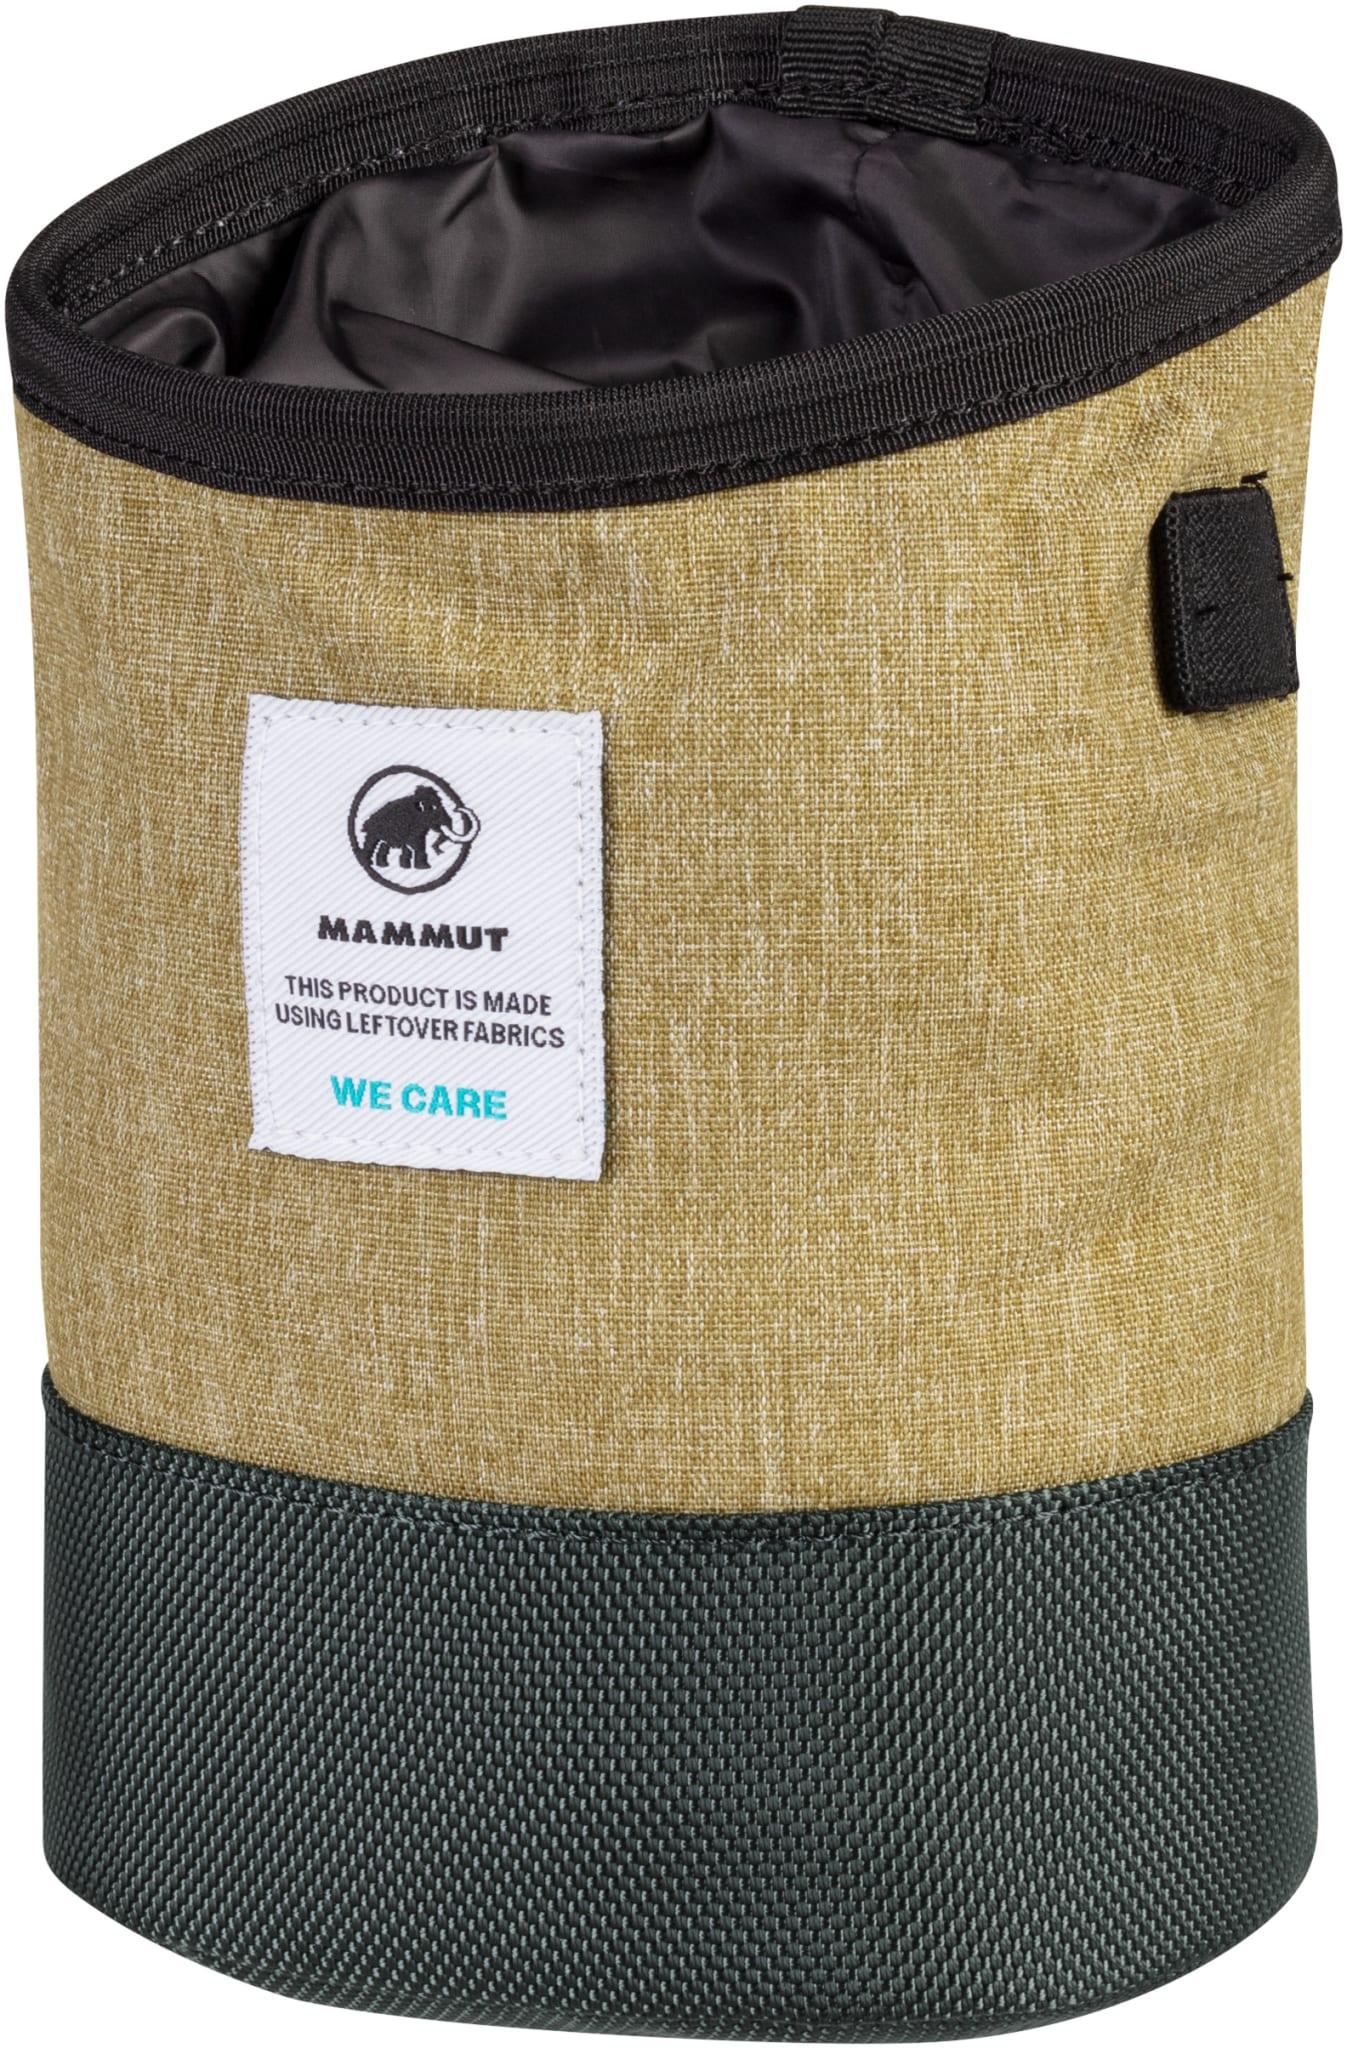 Kalkpose i restmateriale - med ansvar for naturen!